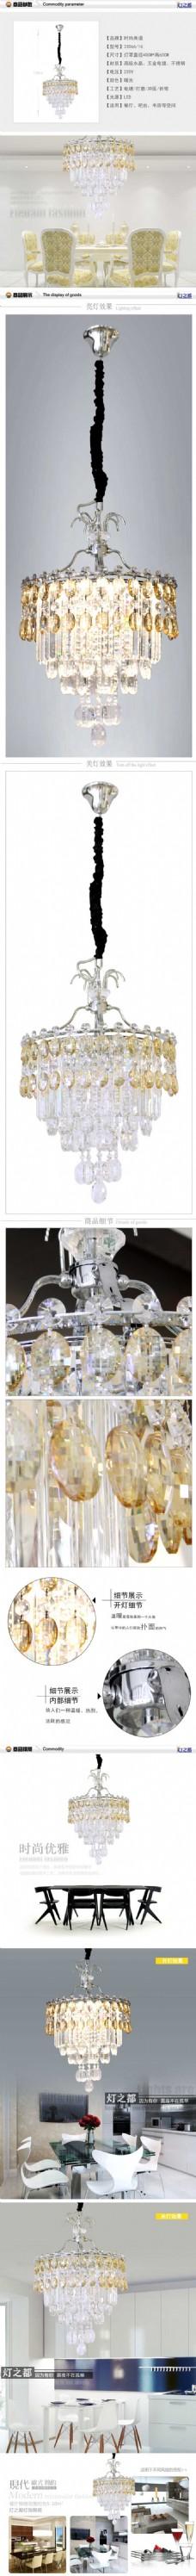 时尚水晶灯-灯具描述